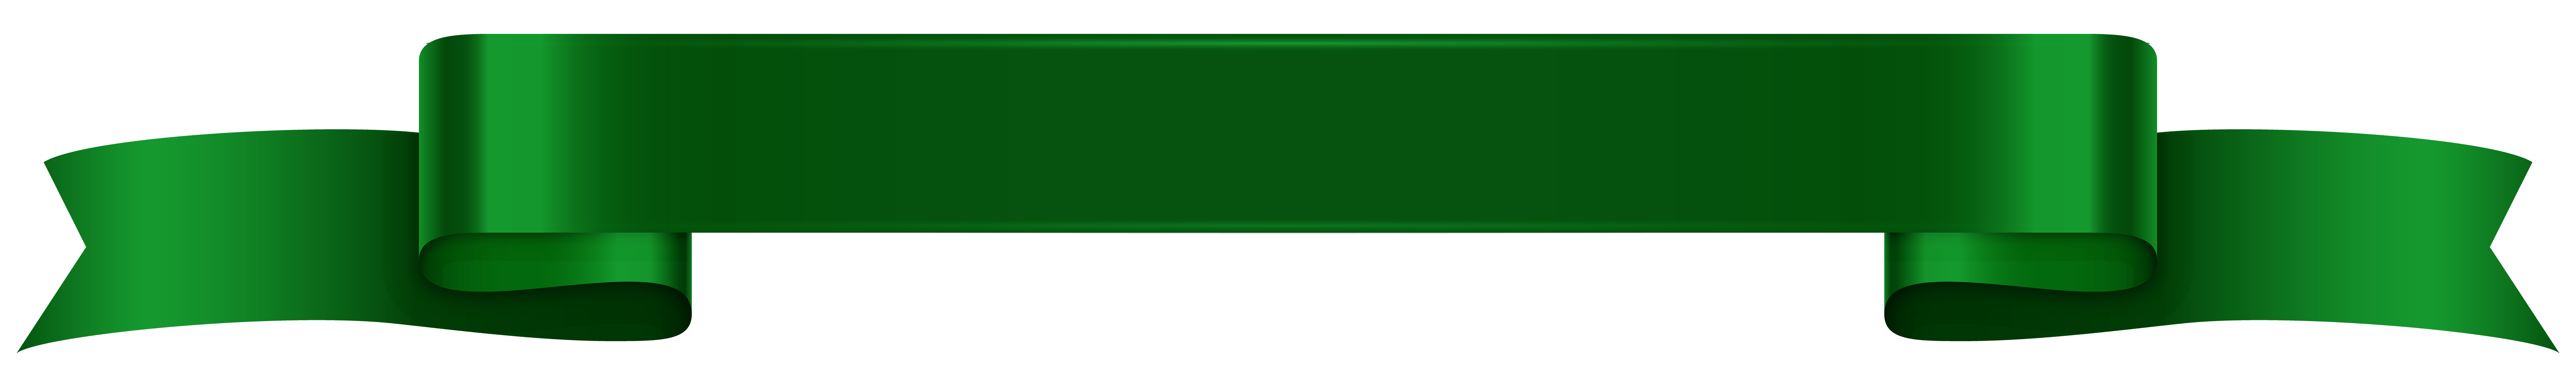 Green Ribbon Banner Png | sunglassesray-ban.org